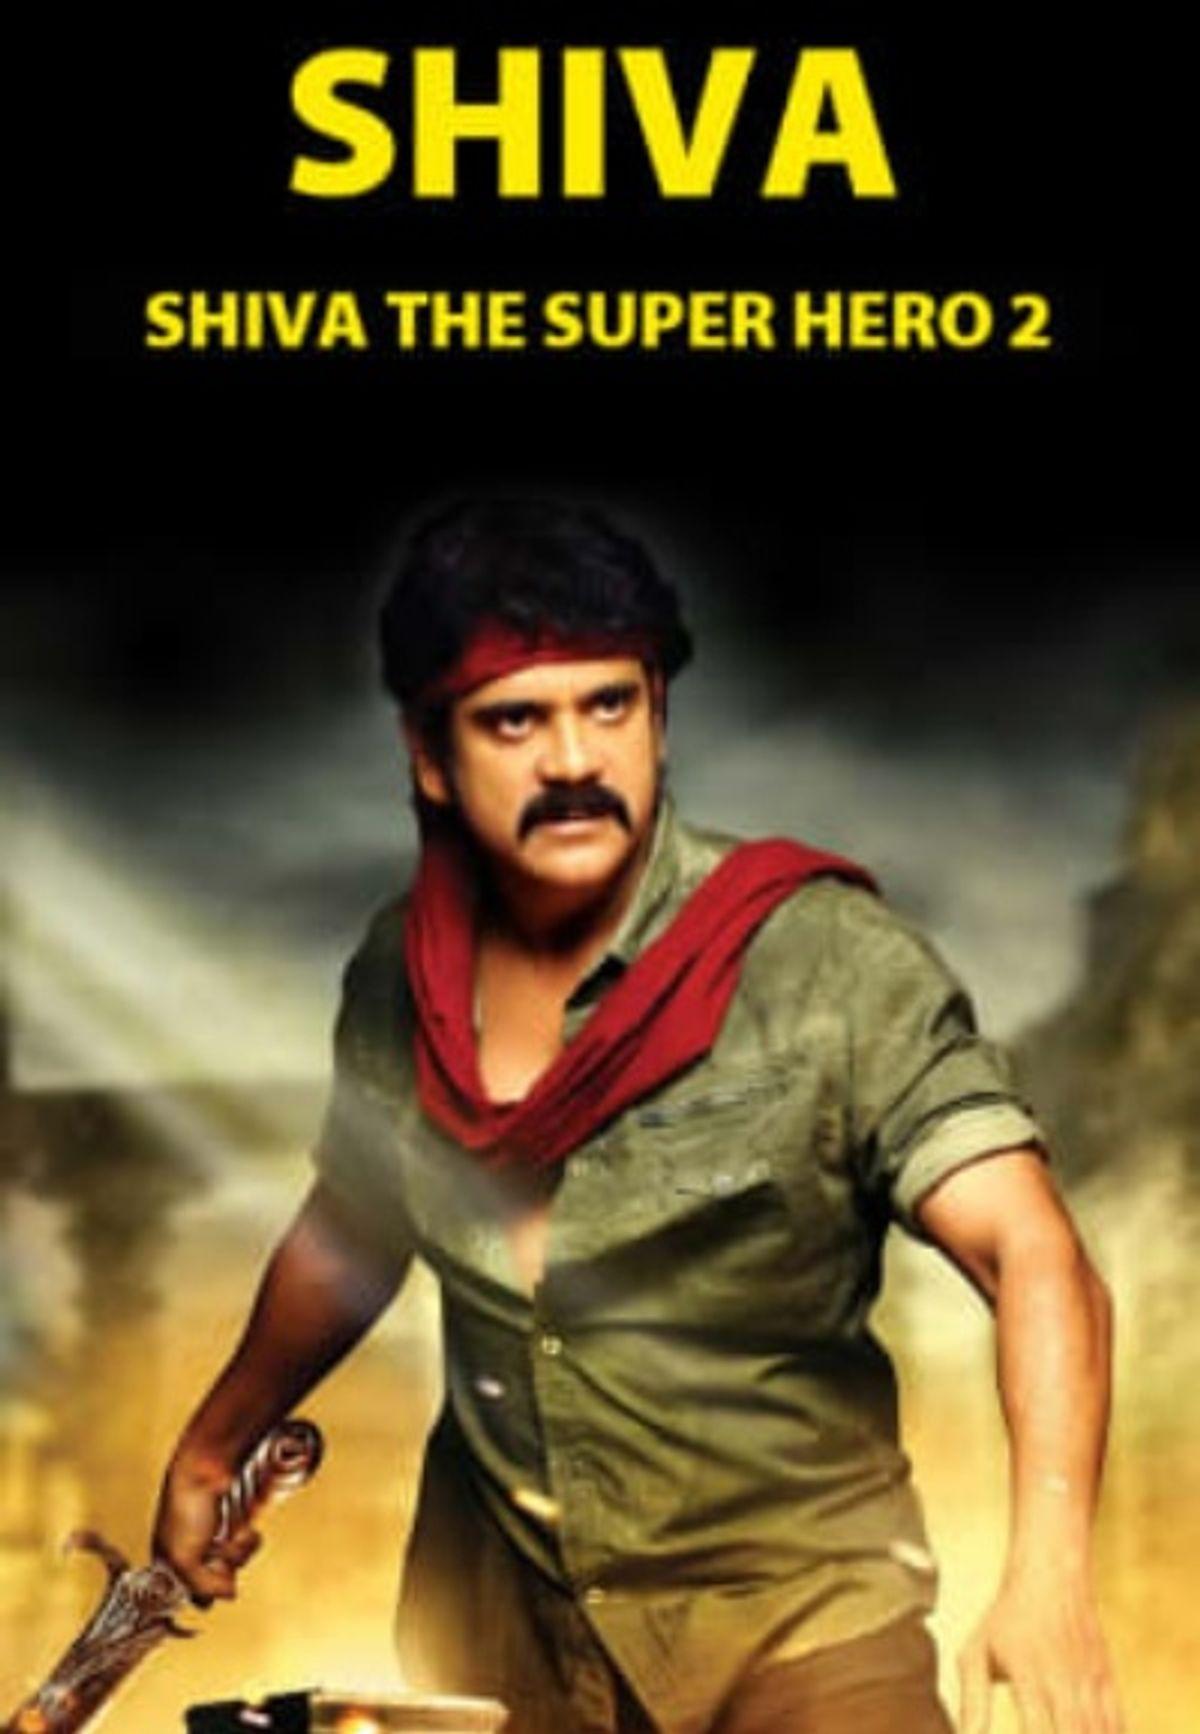 Shiva The Super Hero 2